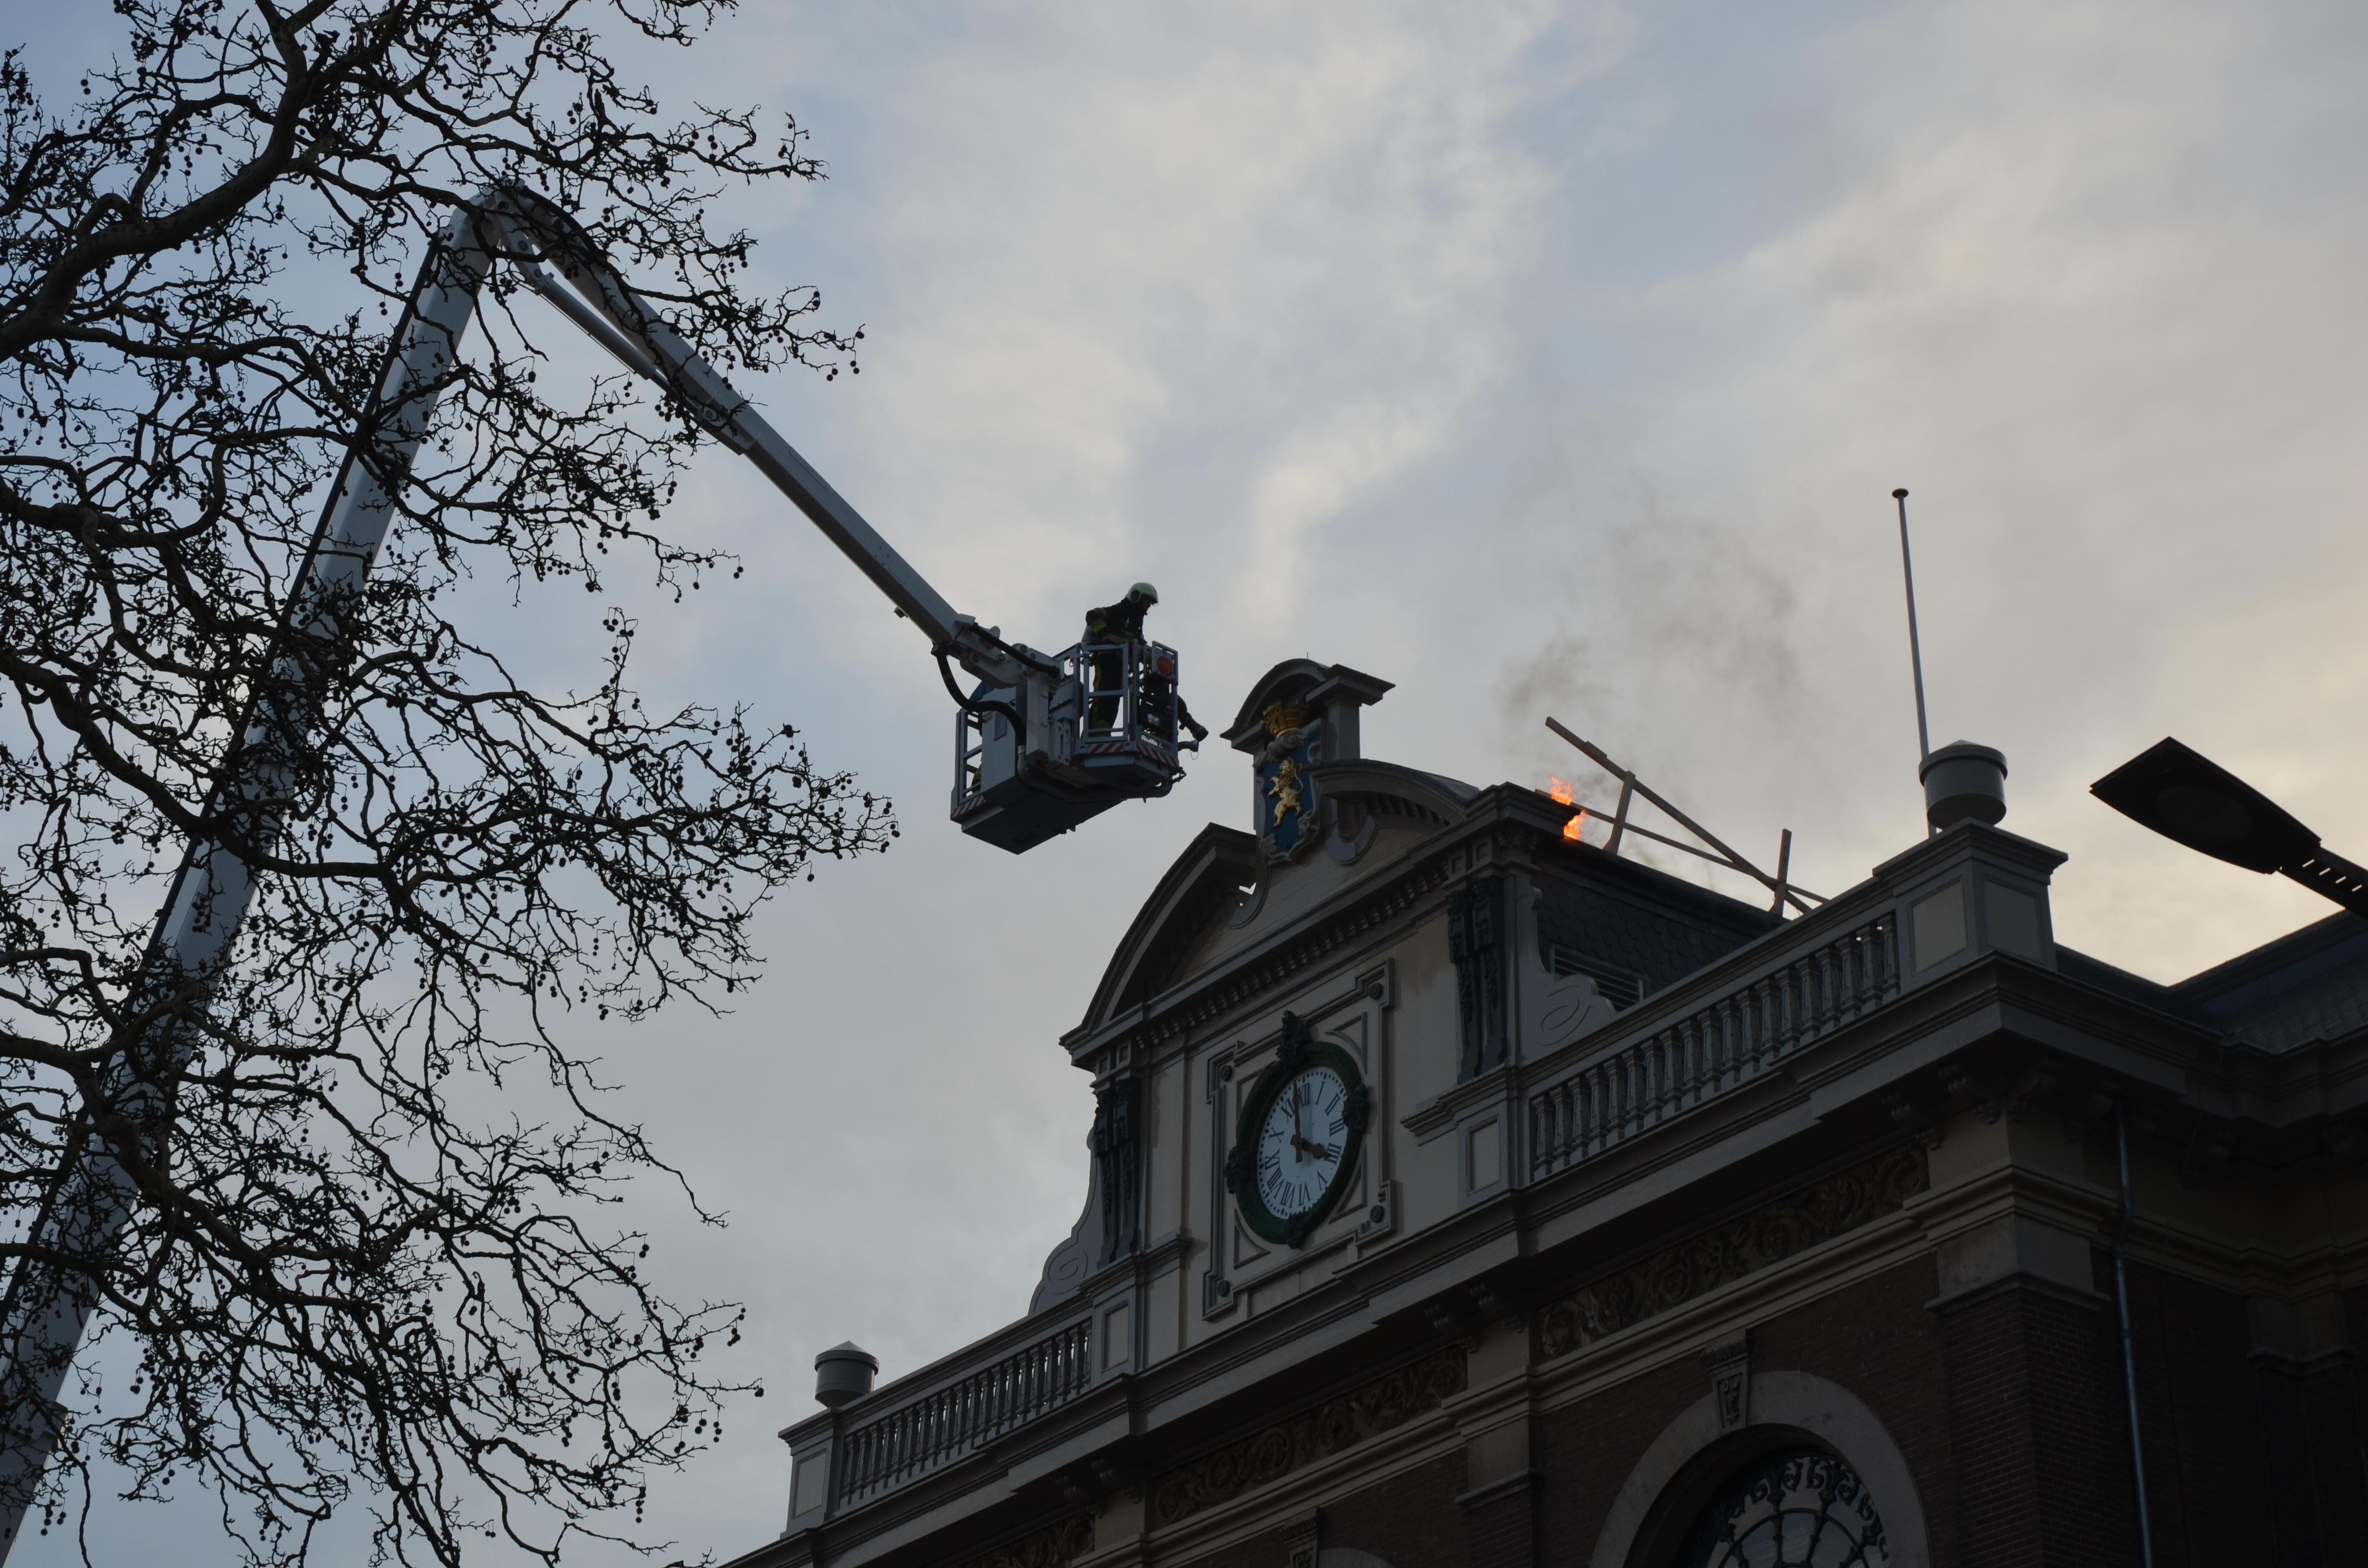 Korte brand op het dak van bibliotheek in Leeuwarden